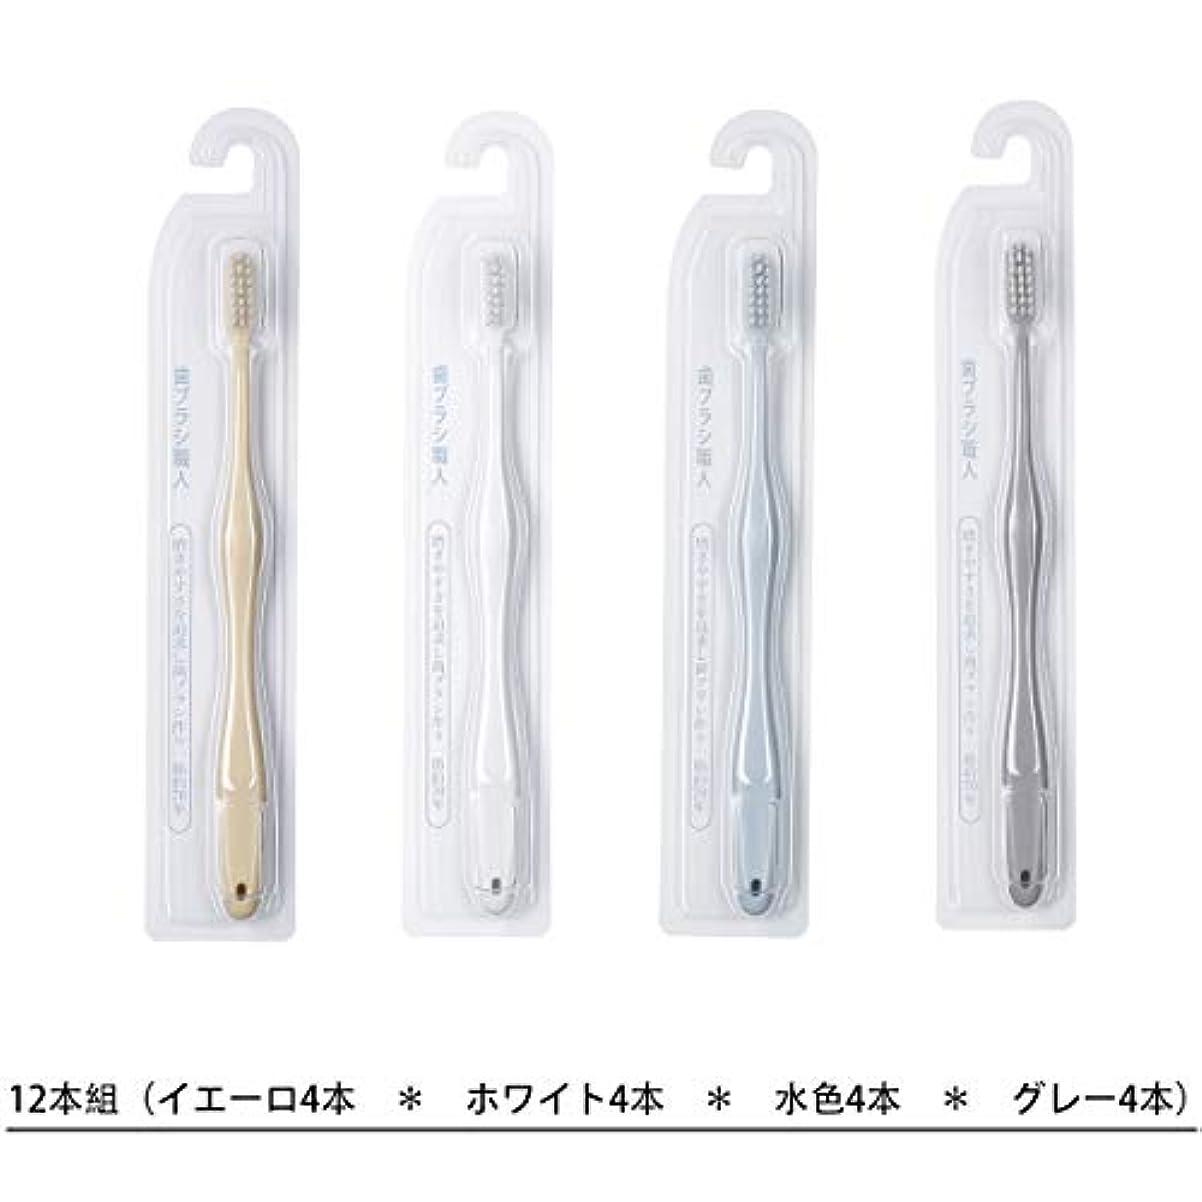 ポータルボルトシンプルさ歯ブラシ職人 田辺重吉 磨きやすい歯ブラシ 極 AT-09 (12本組)